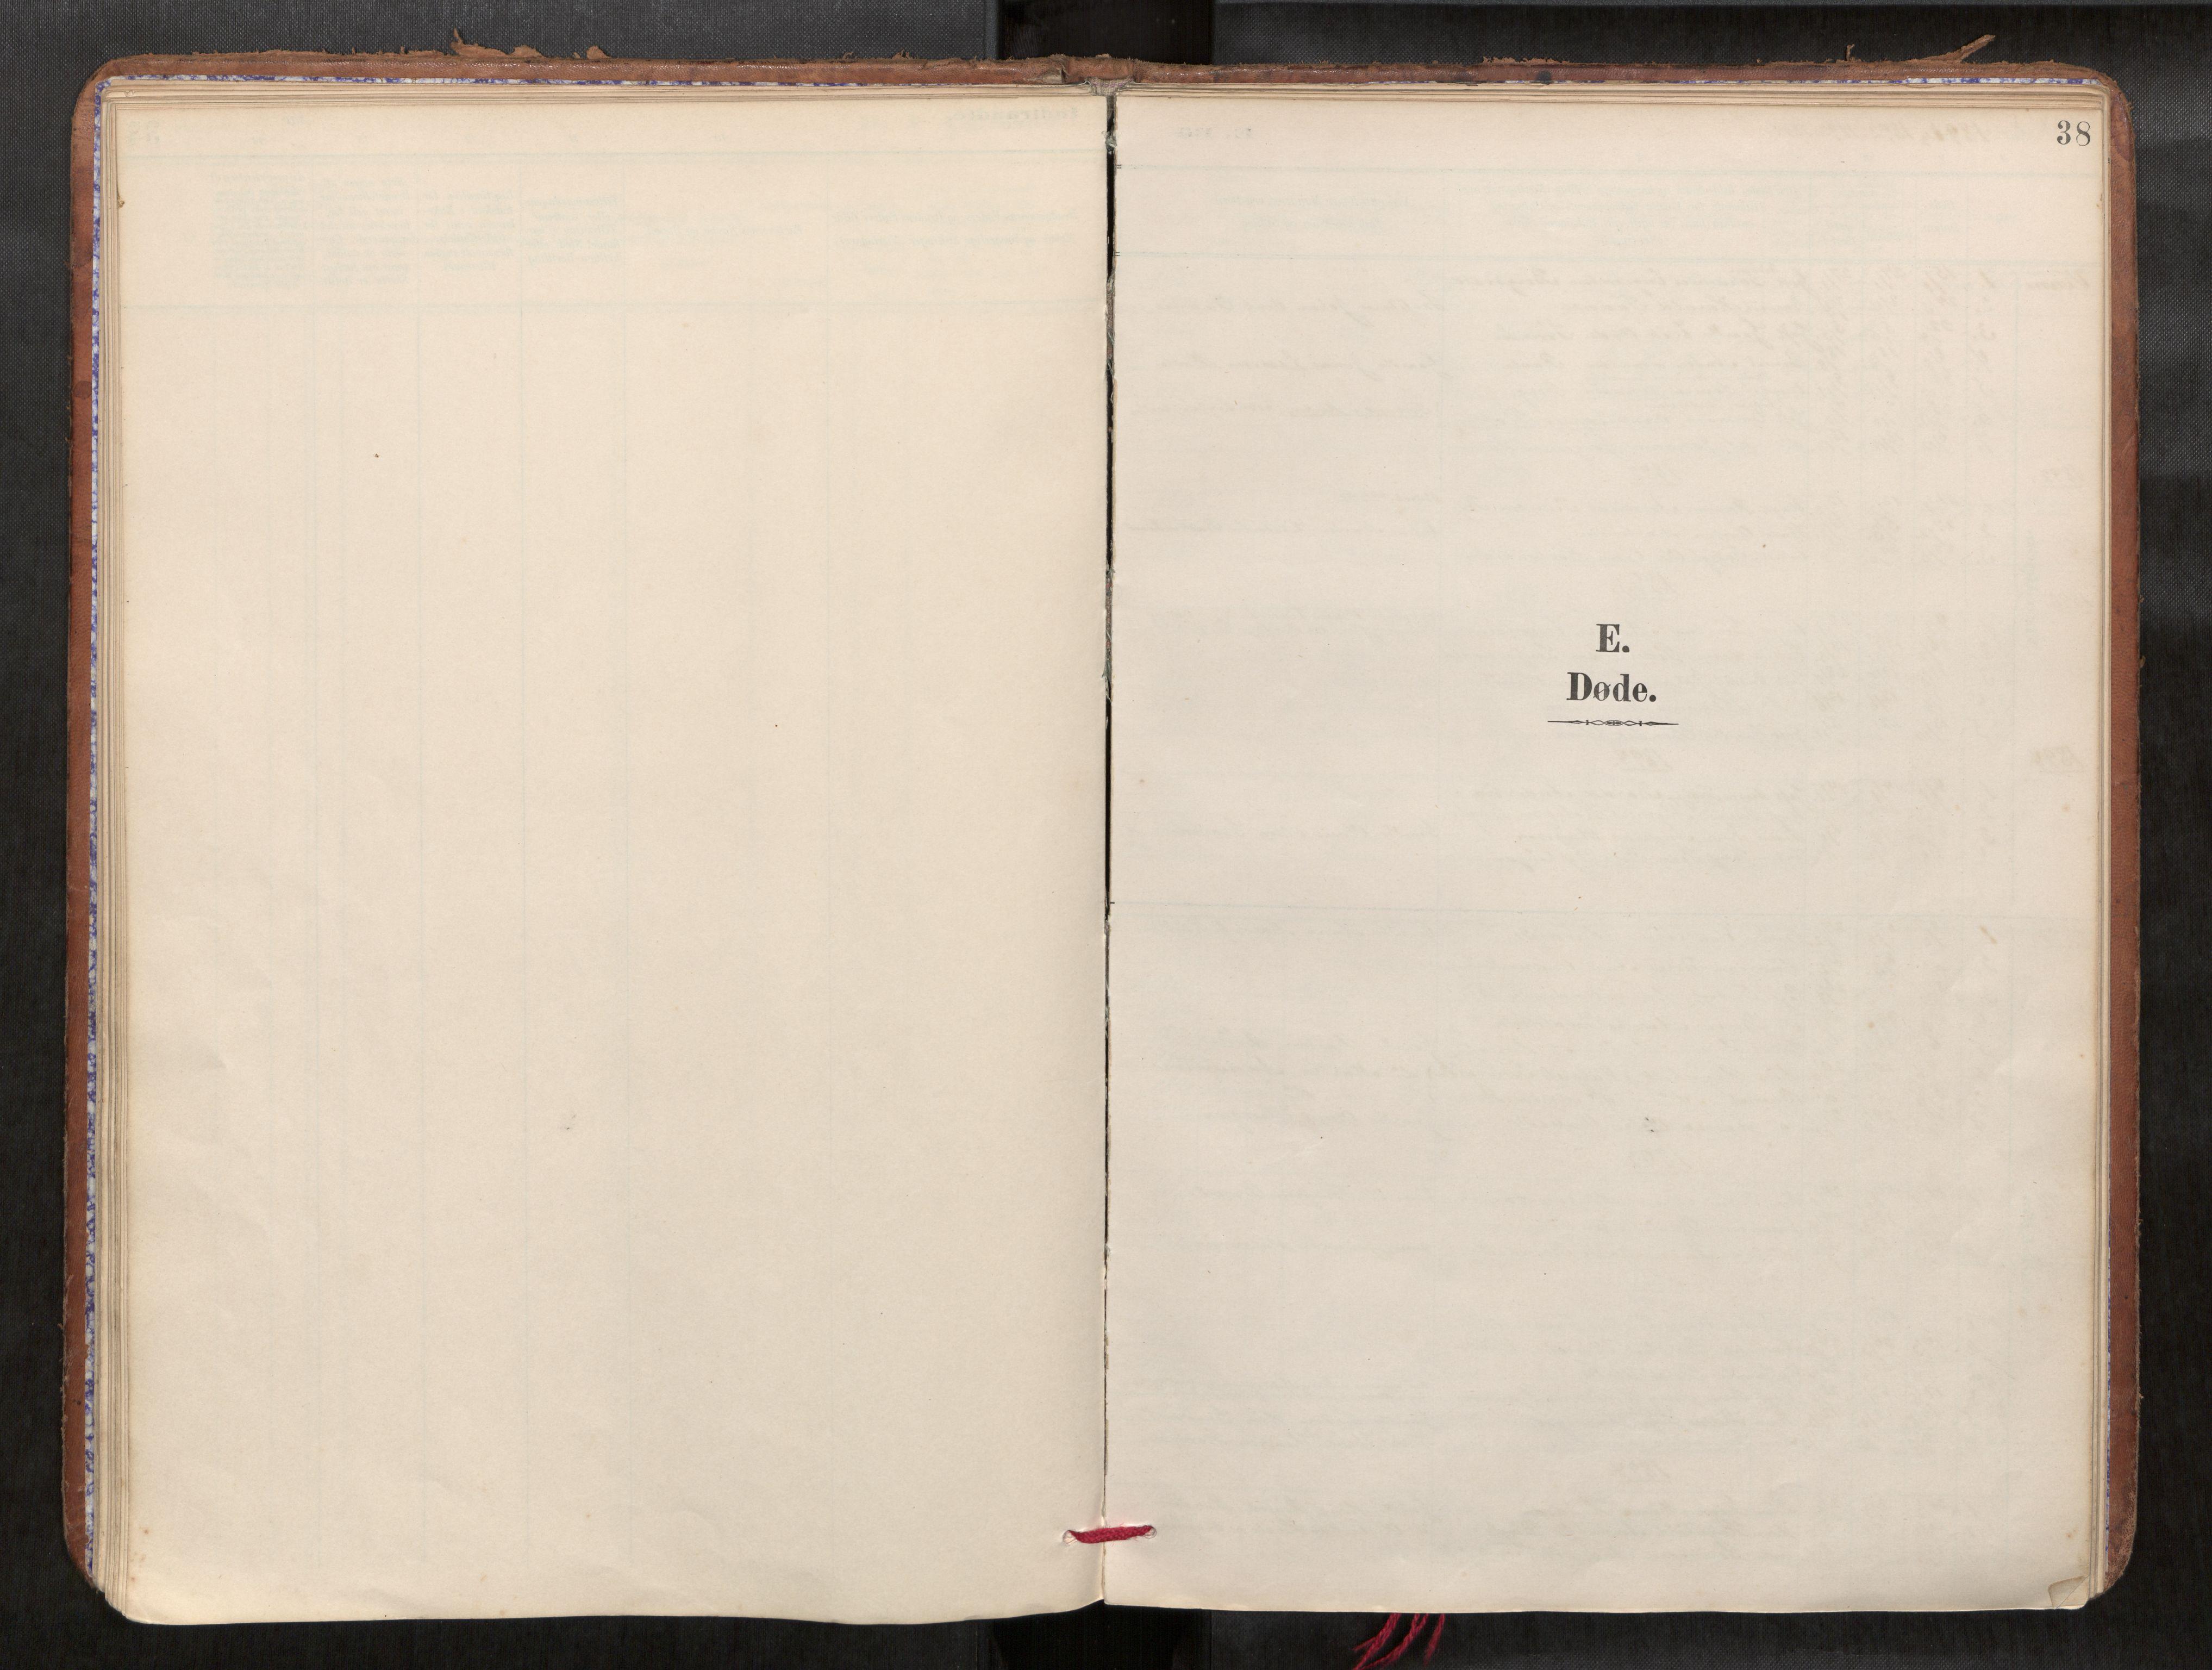 SAT, Verdal sokneprestkontor*, Parish register (official) no. 1, 1891-1907, p. 38